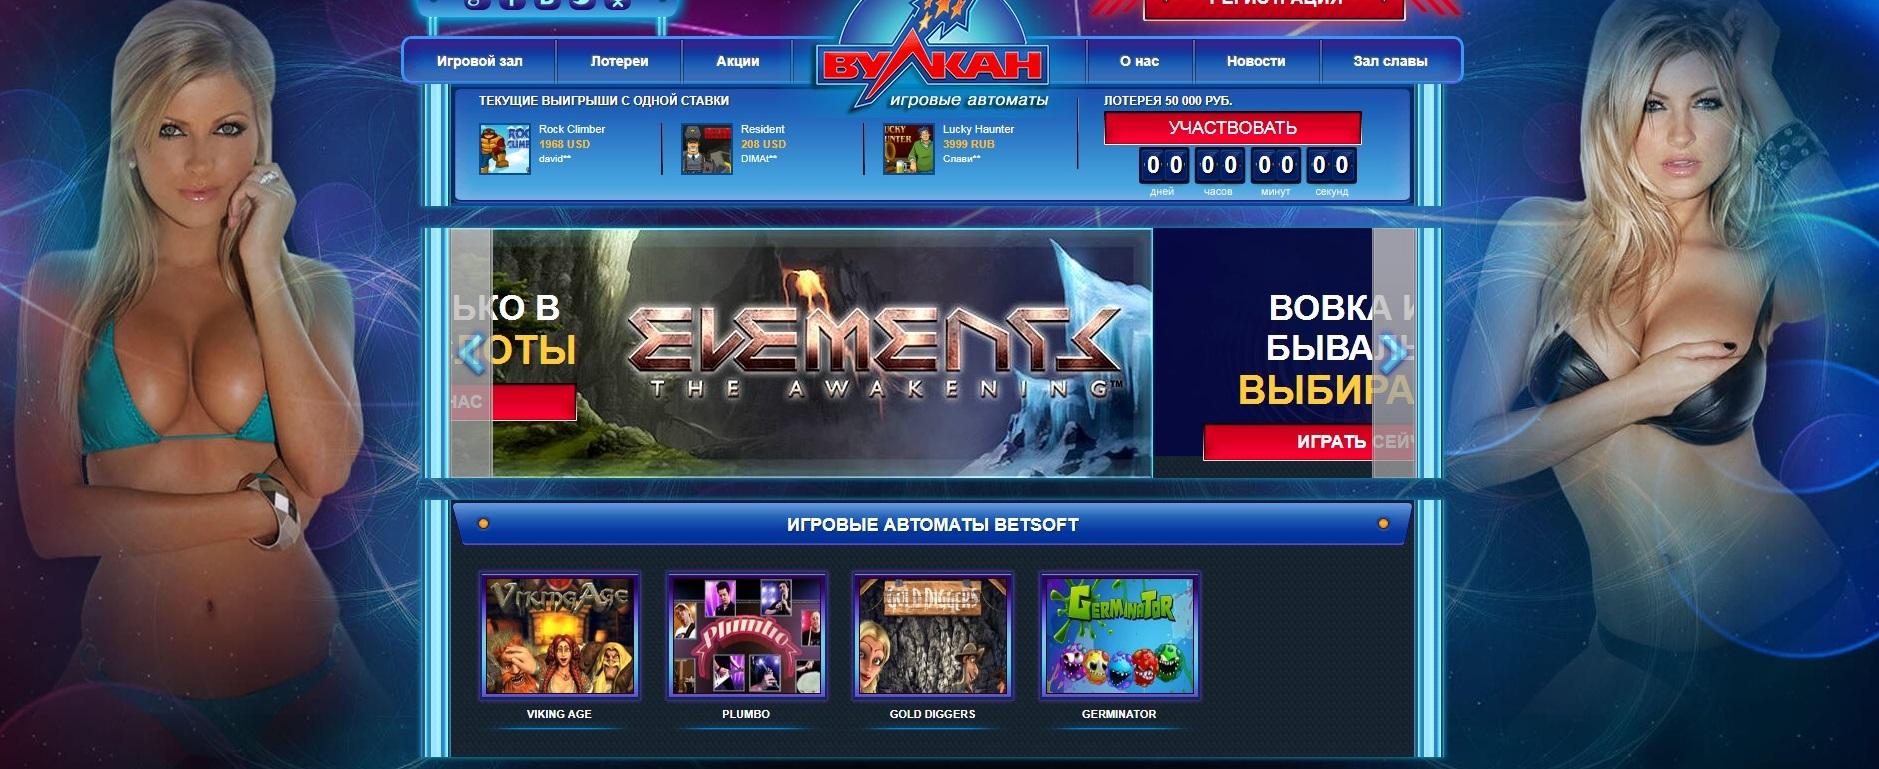 uspeshnaya igra v internet kazino klyuchevye printsipy